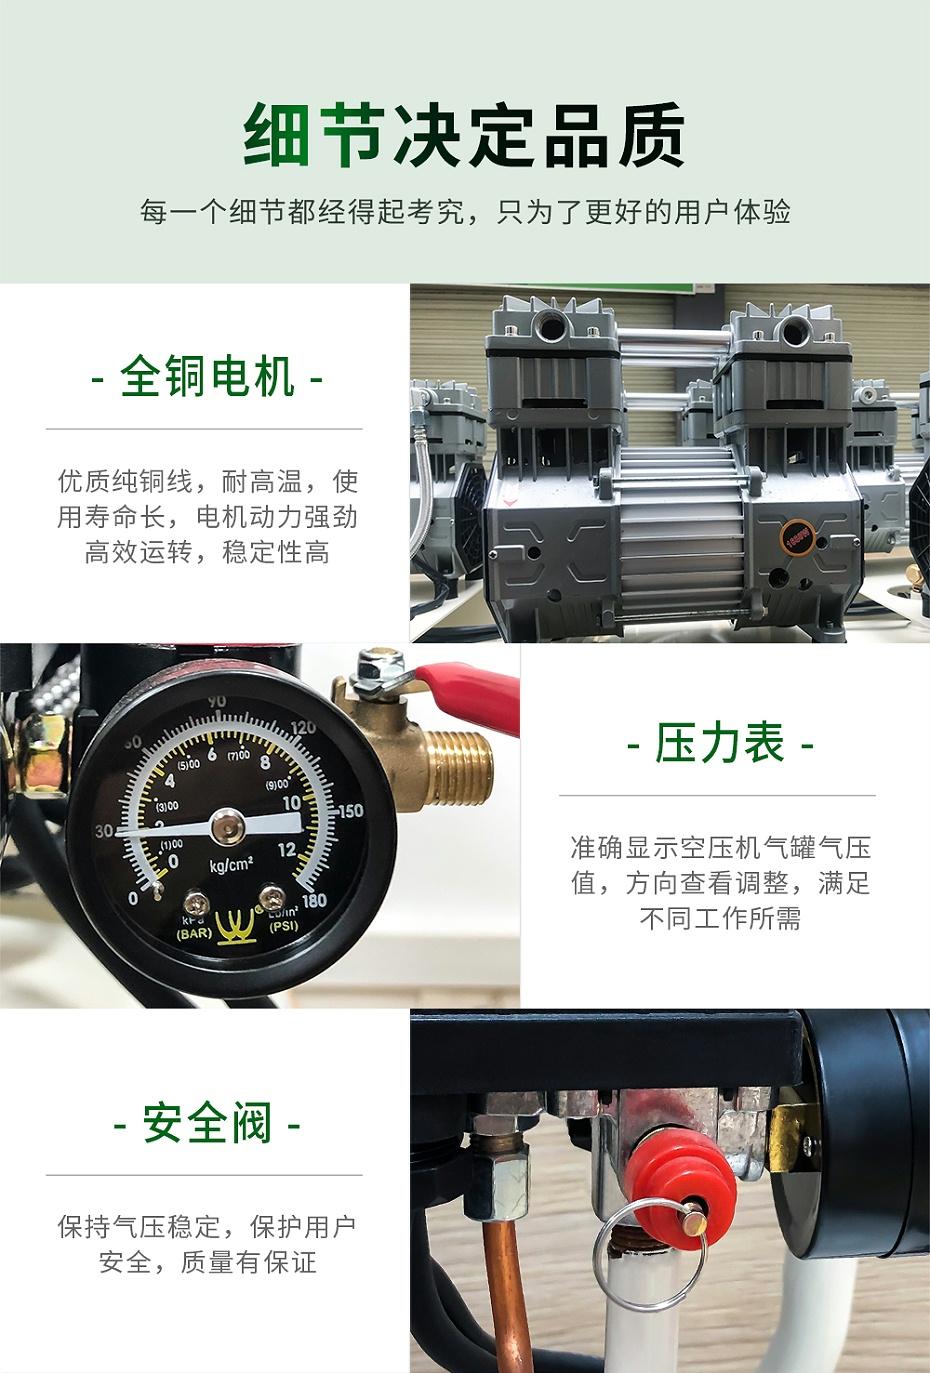 产品细节技术